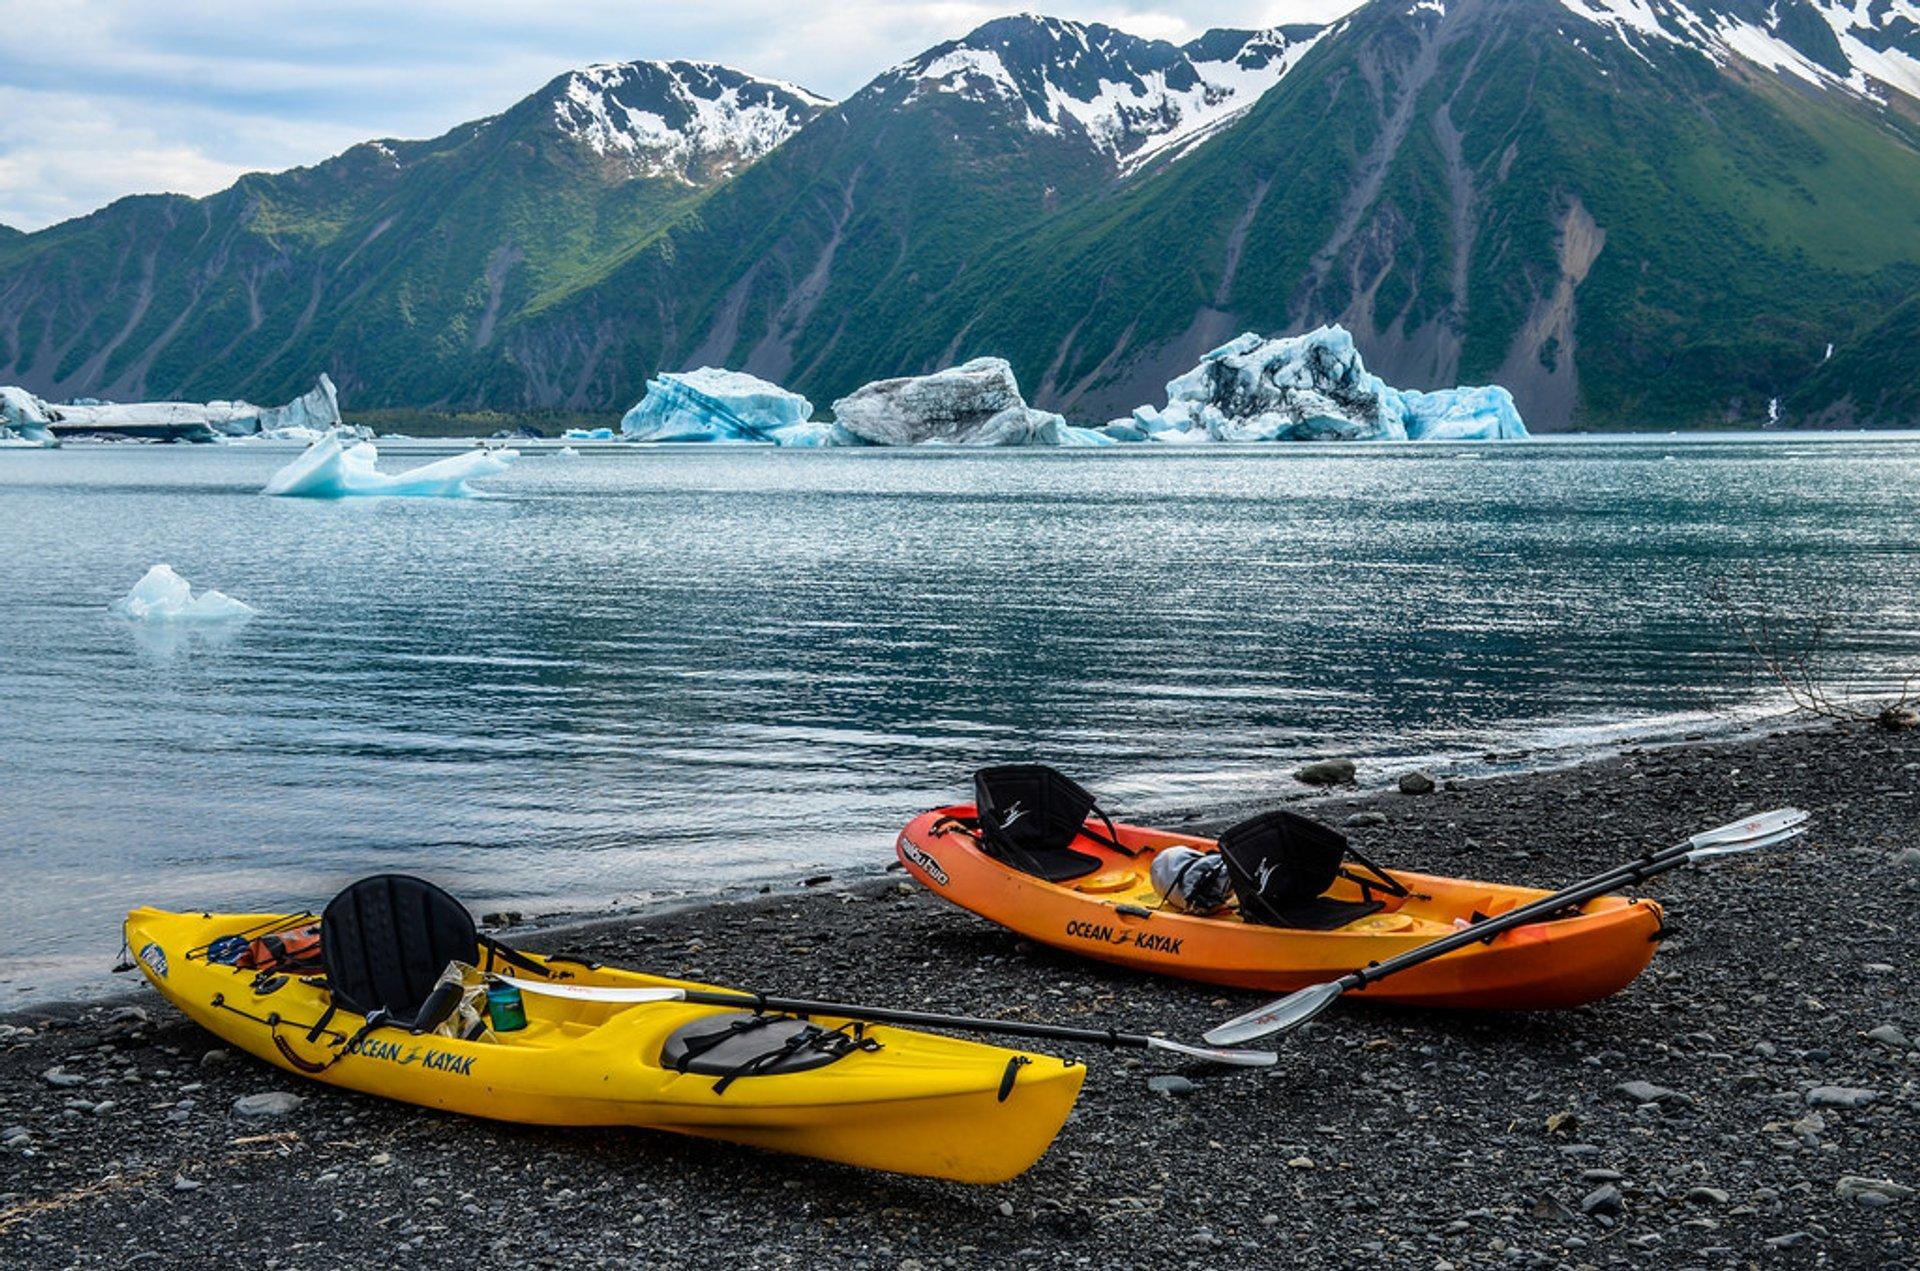 Bear Glacier, Kenai Peninsula Borough, Alaska 2019